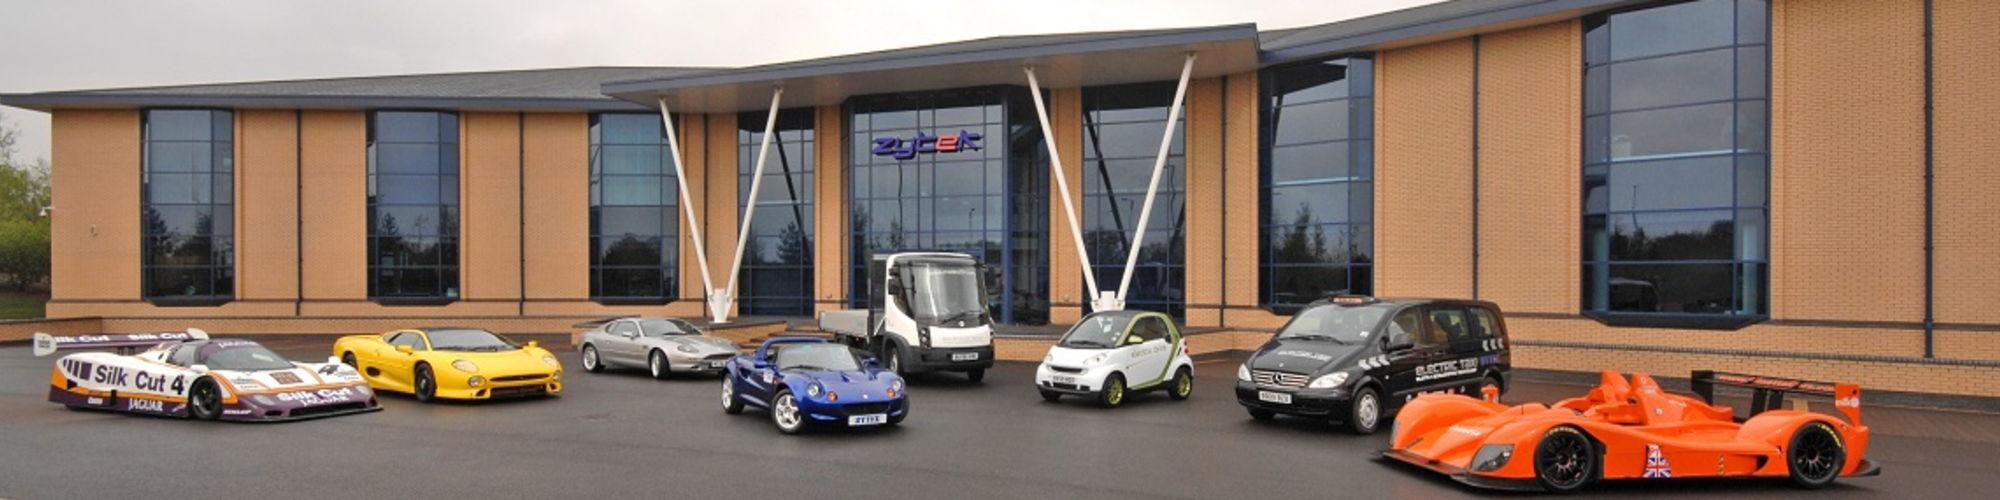 Zytek Automotive Ltd.